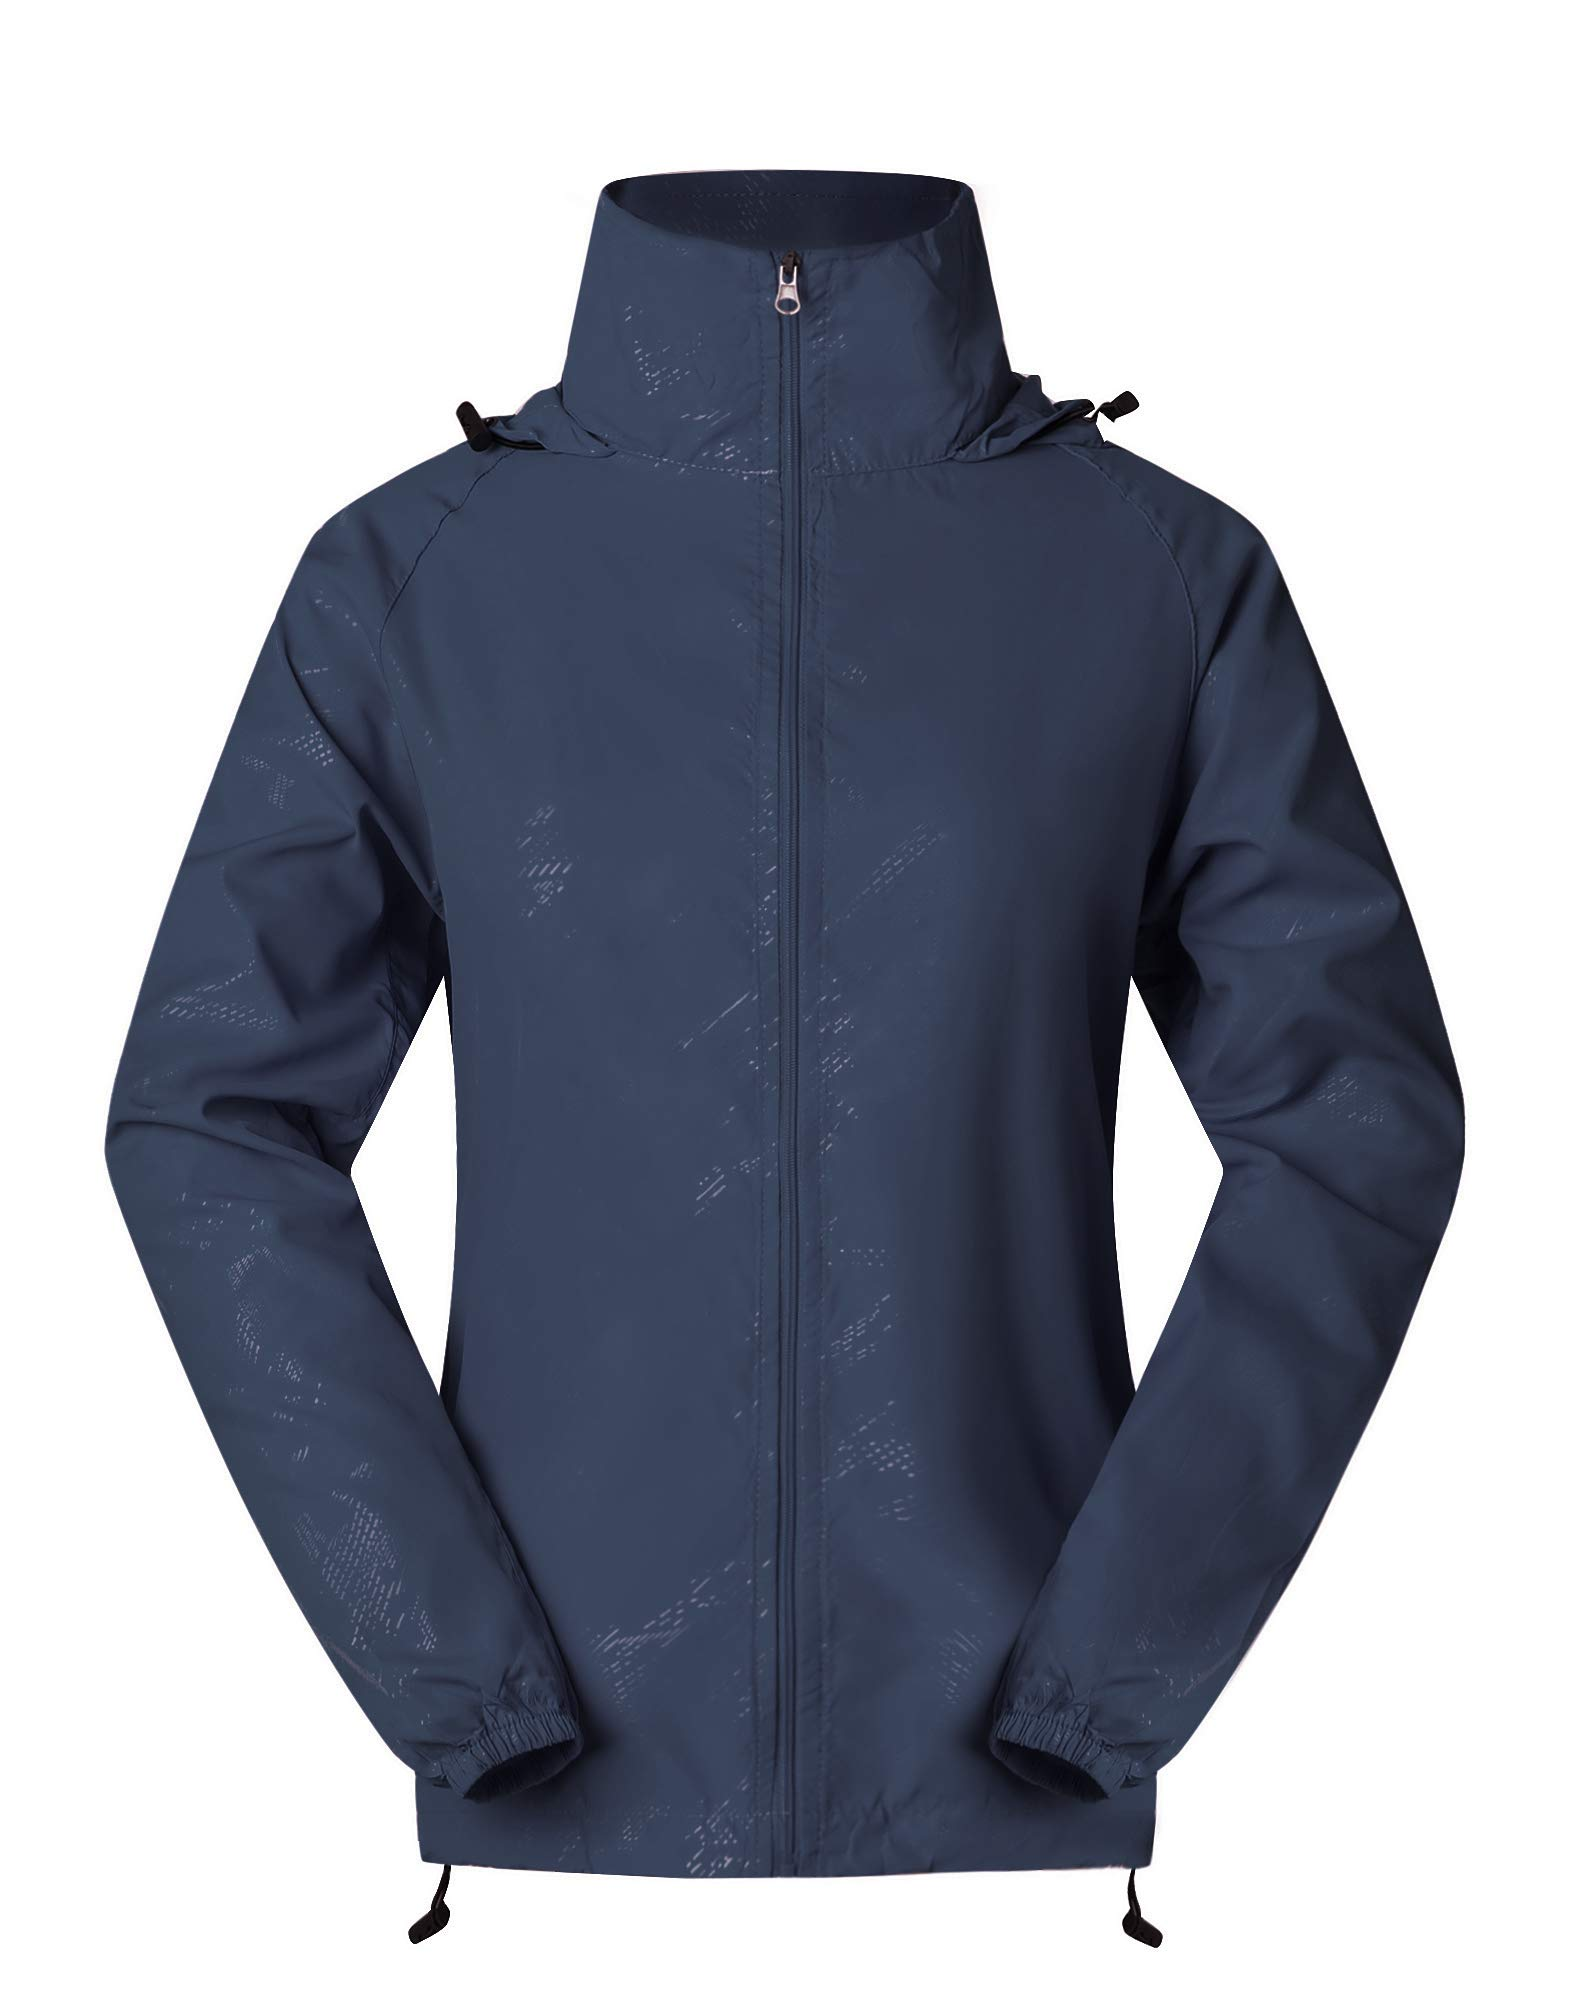 Cheering Spmor Women's Lightweight Jackets Waterproof Windbreaker Jacket UV Protect Running Coat S Navy